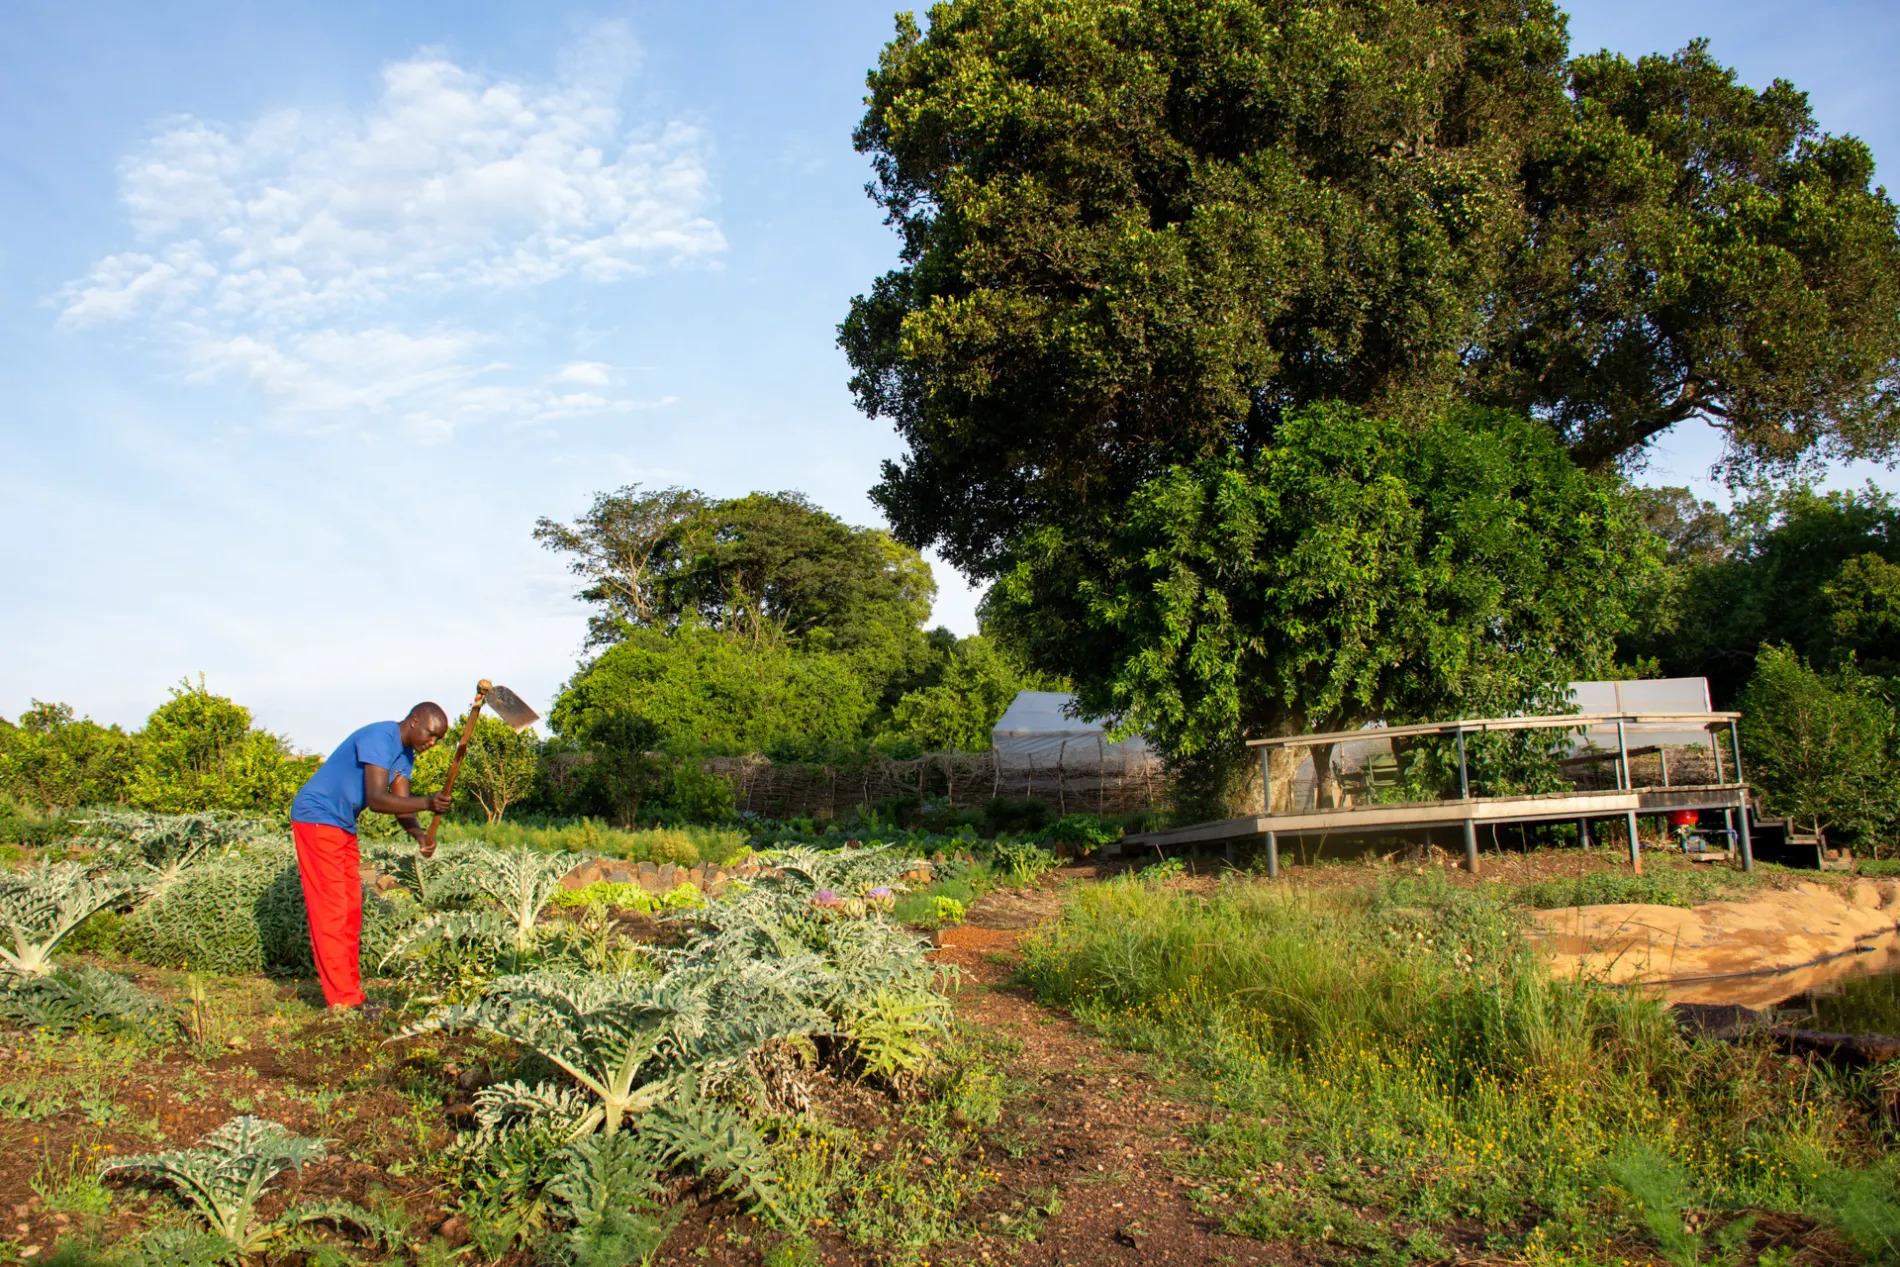 Naliki planting veg